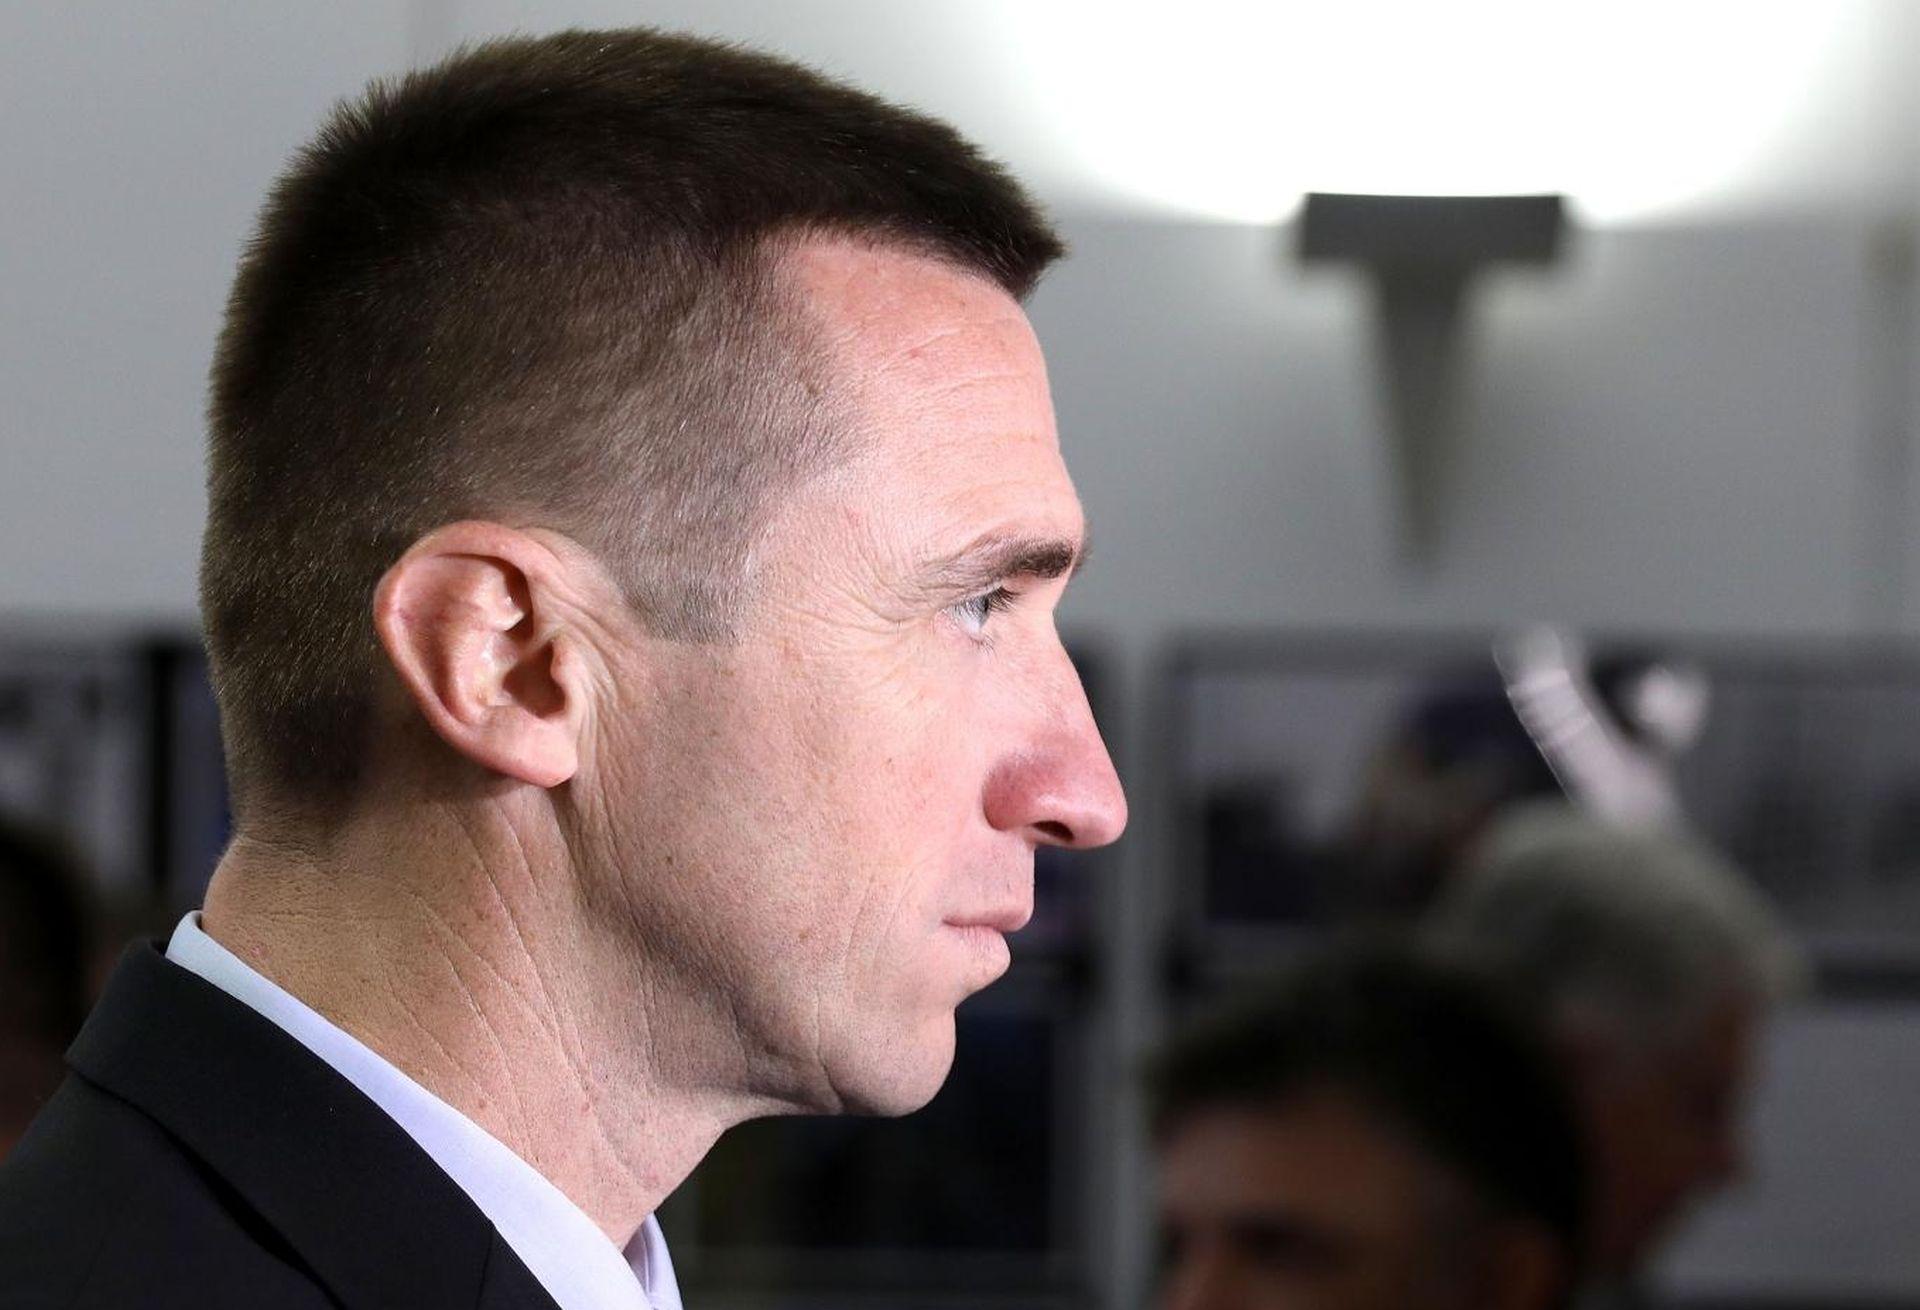 'I Penava i srpska zajednica manipuliraju za održanje stanja'